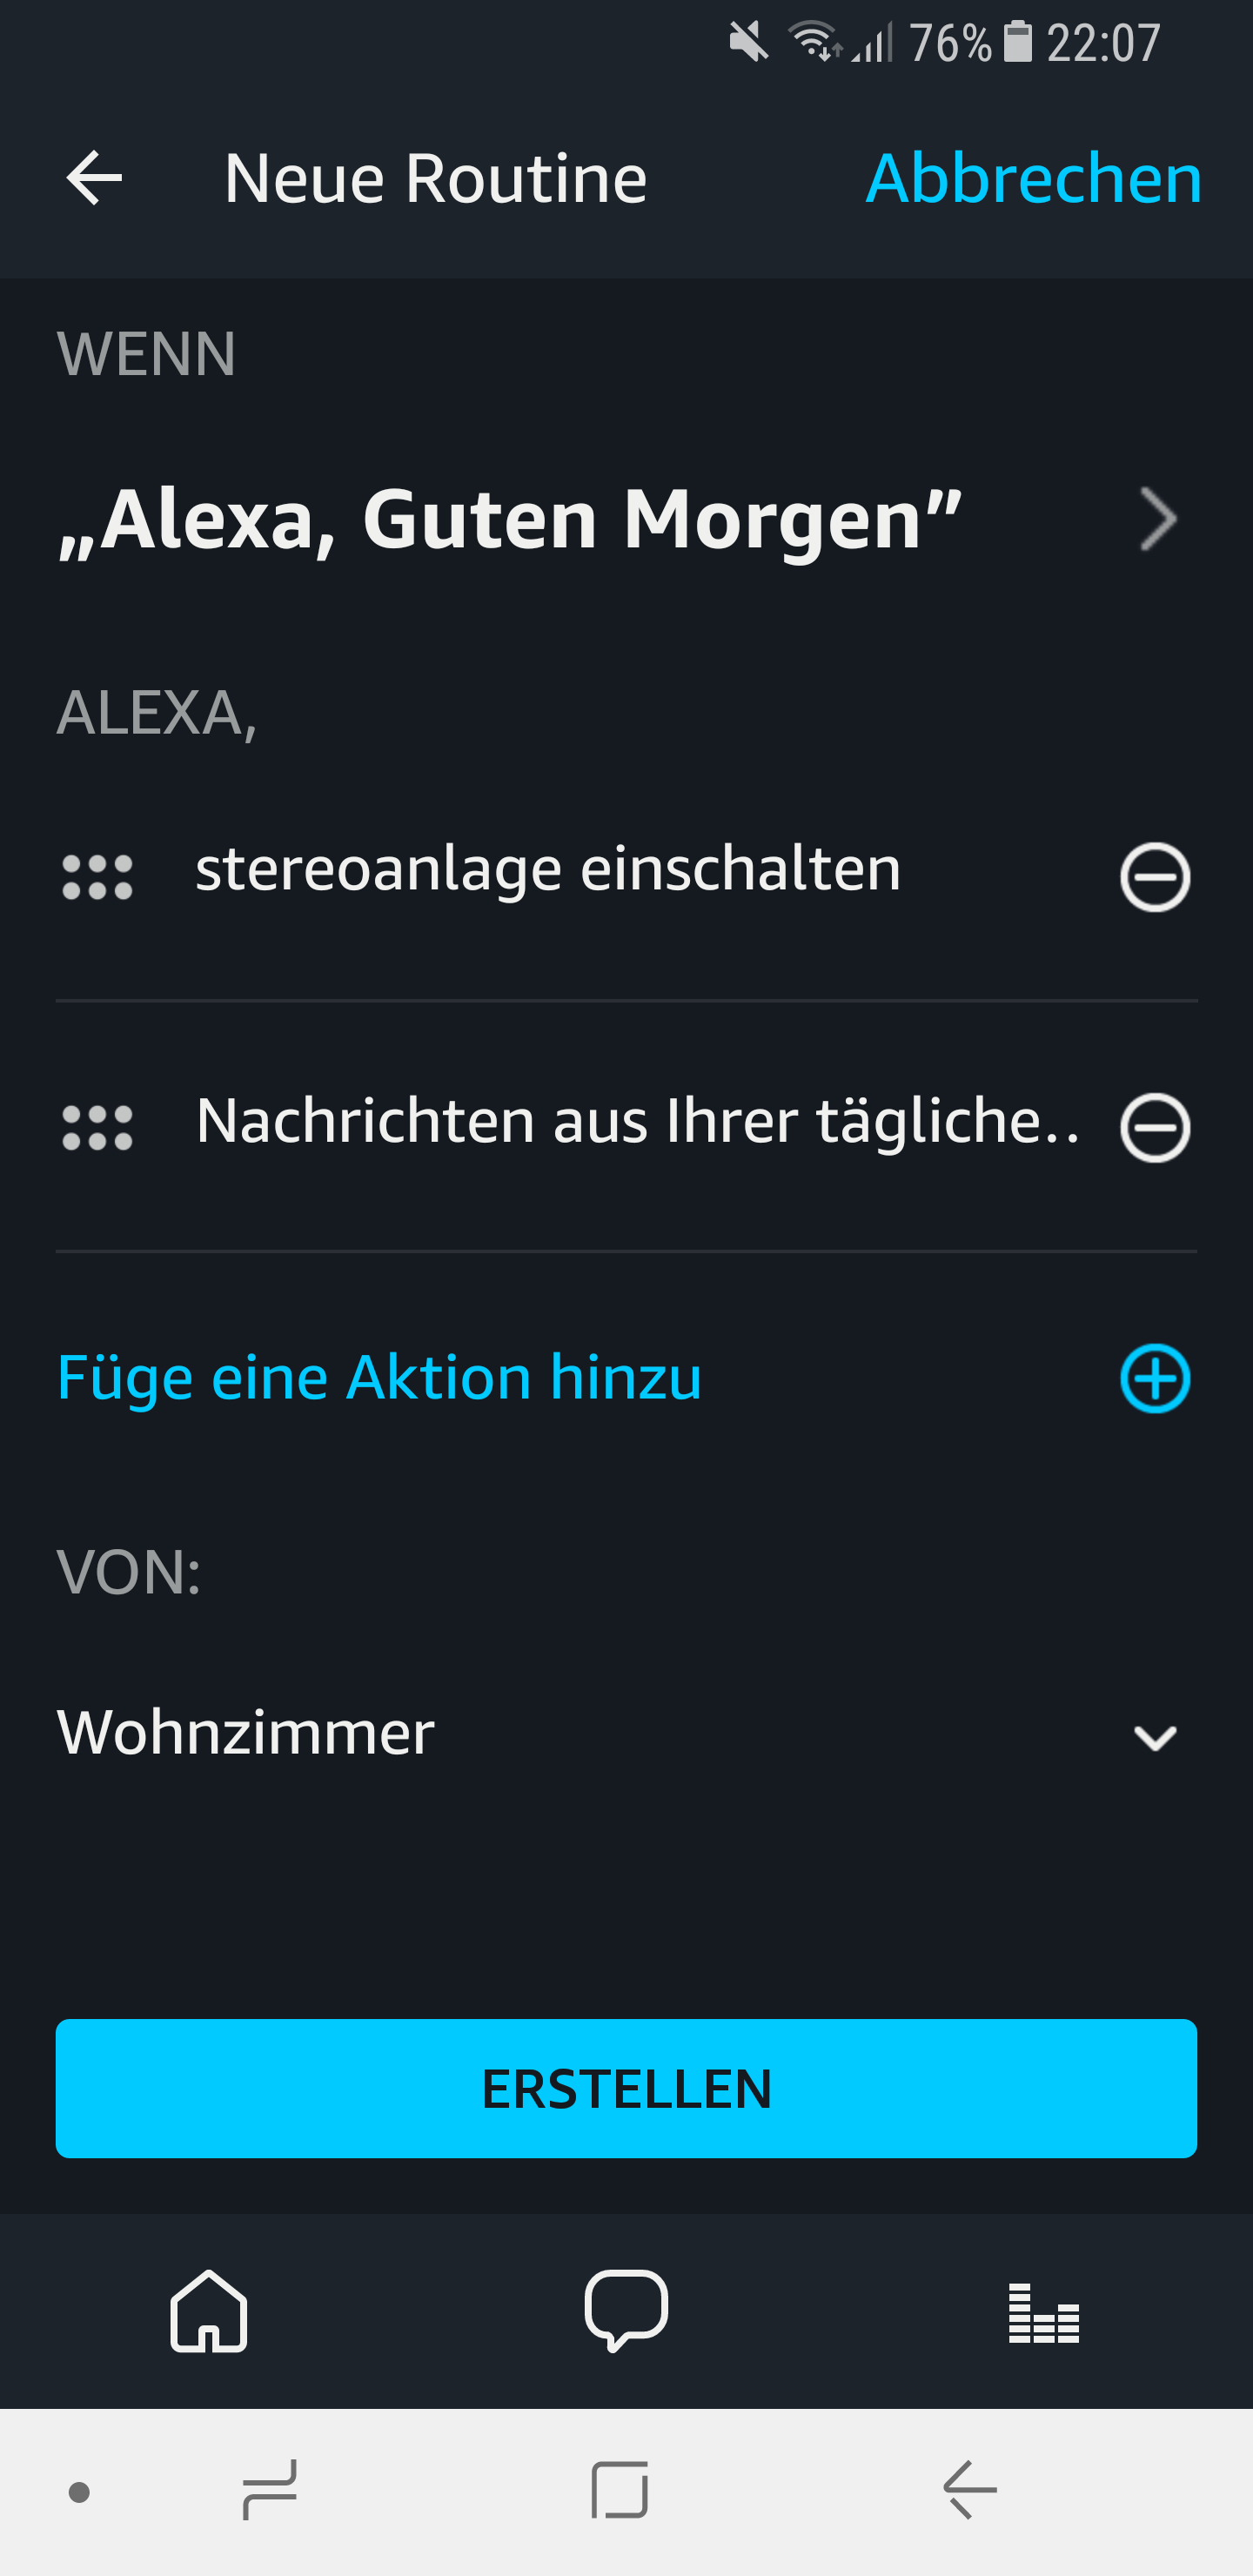 Routinen in der Amazon Alexa App einrichten und nutzen 17